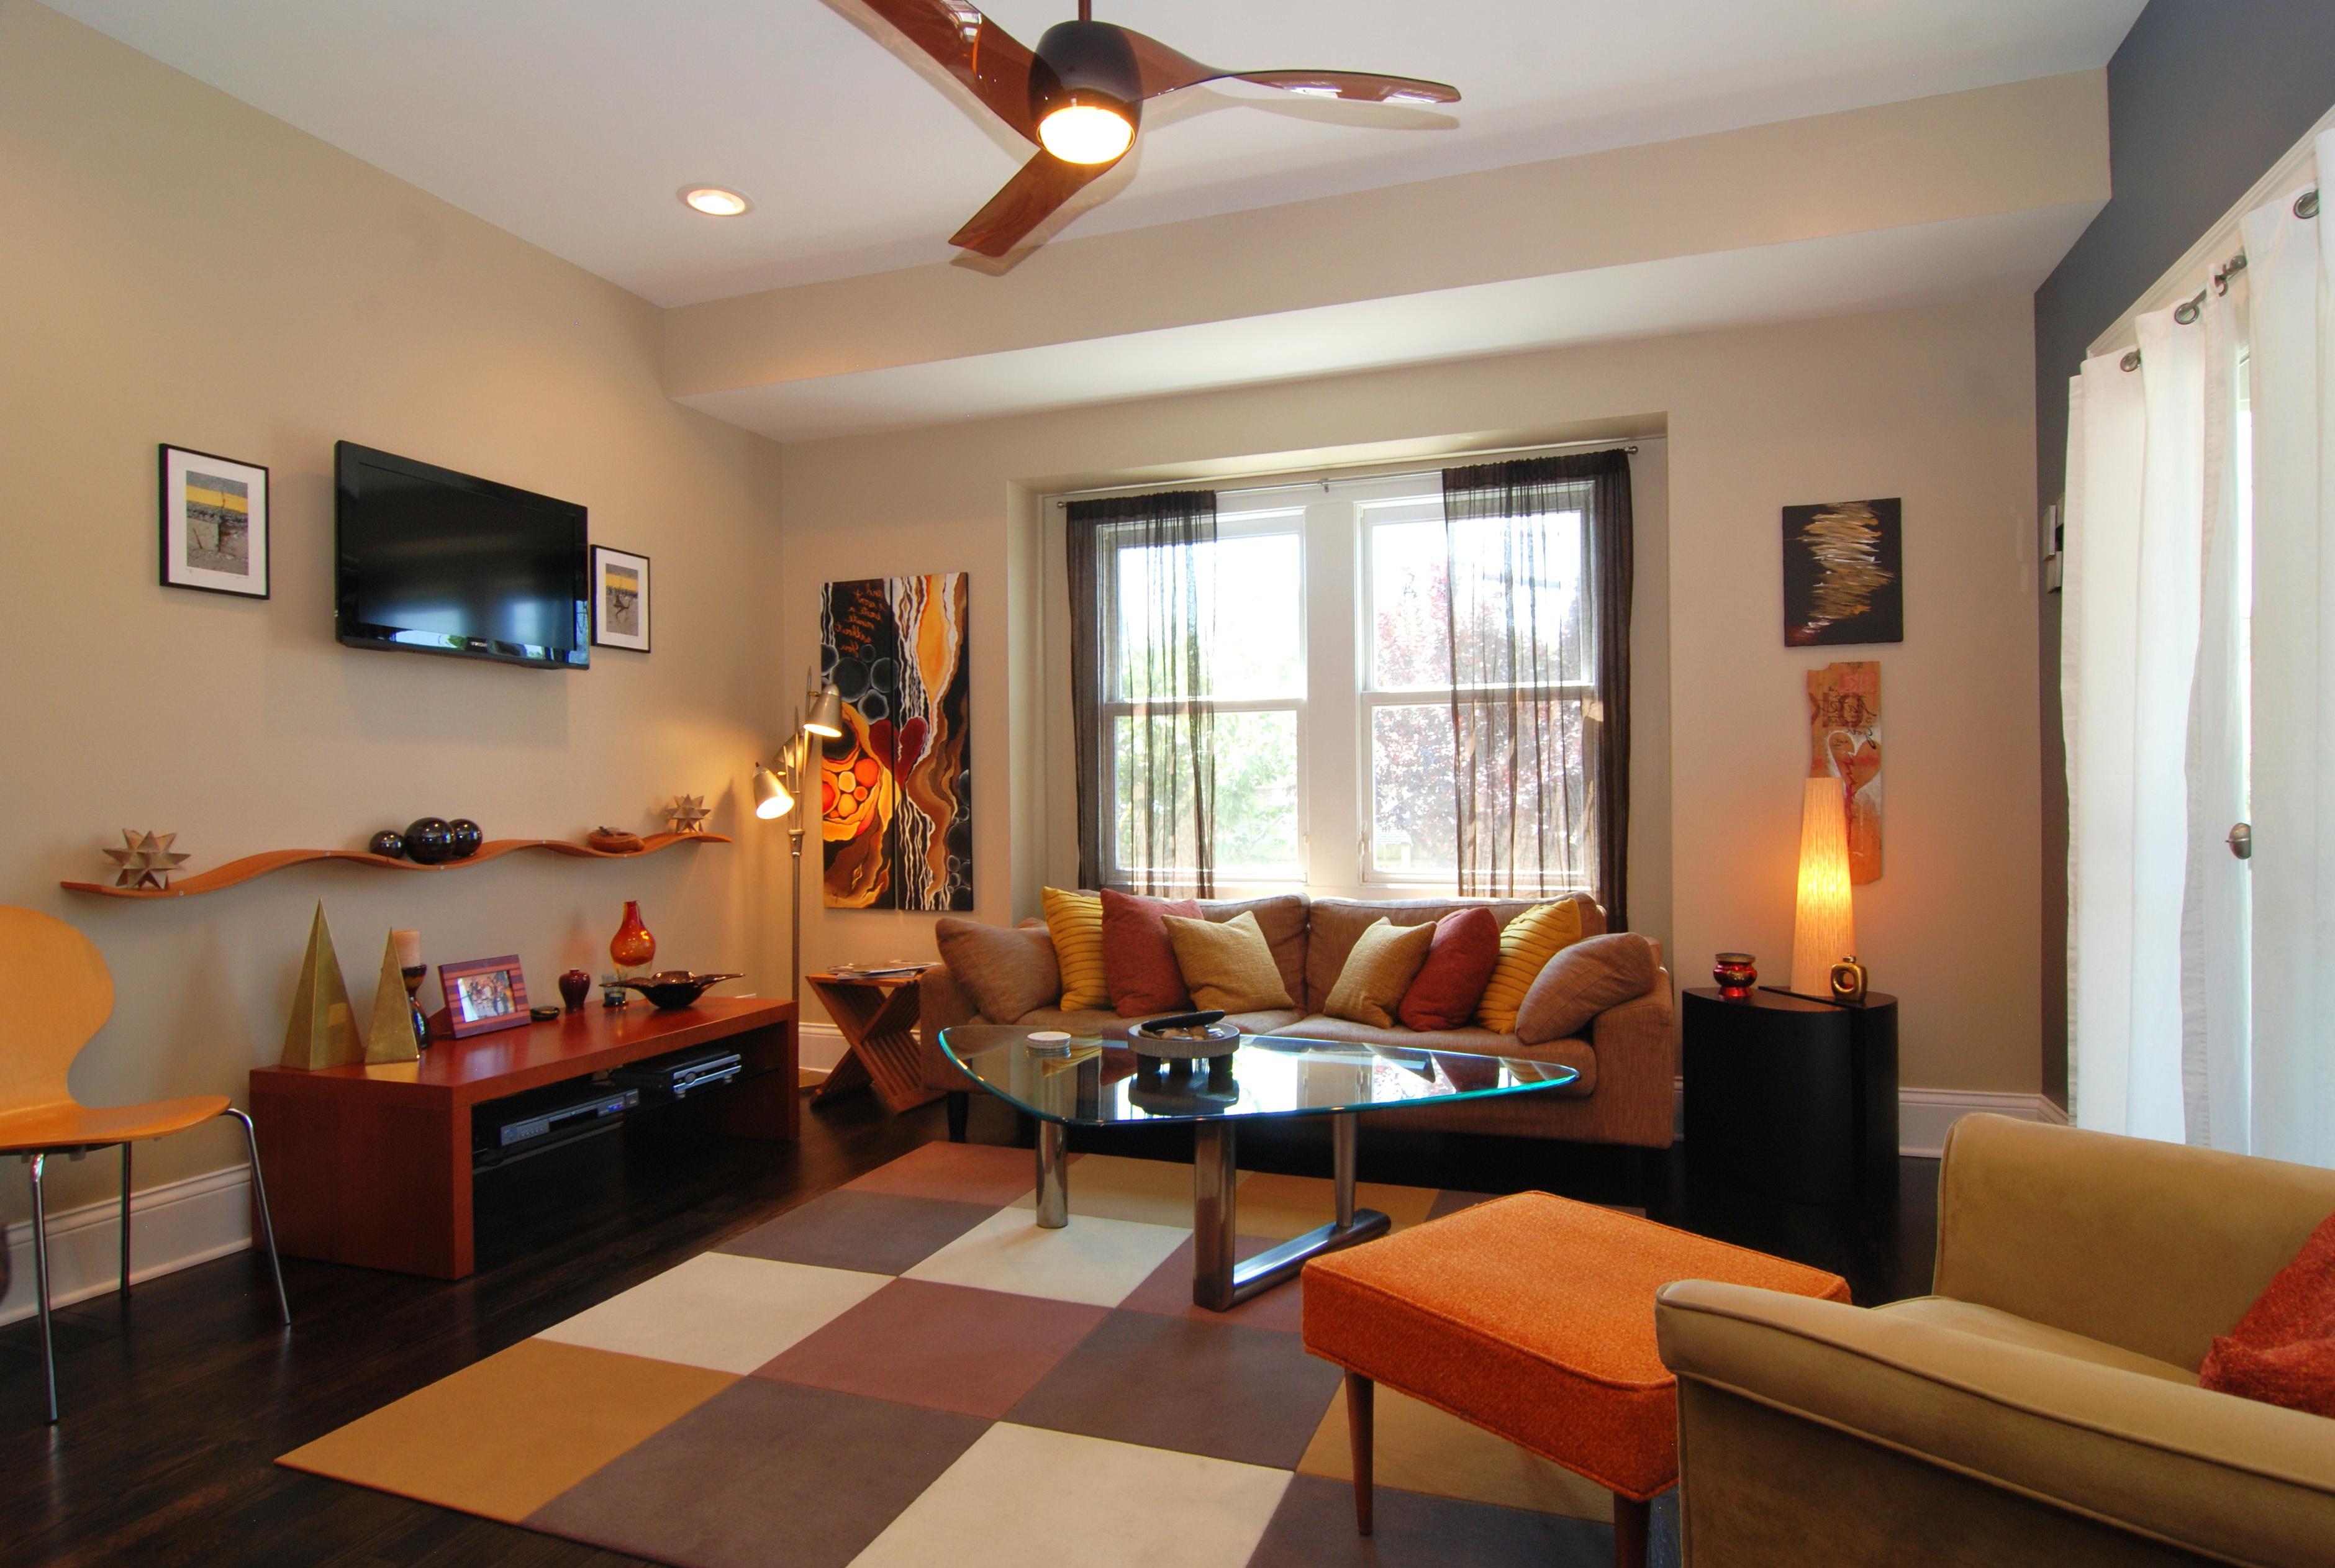 Family Room Design Pinterest